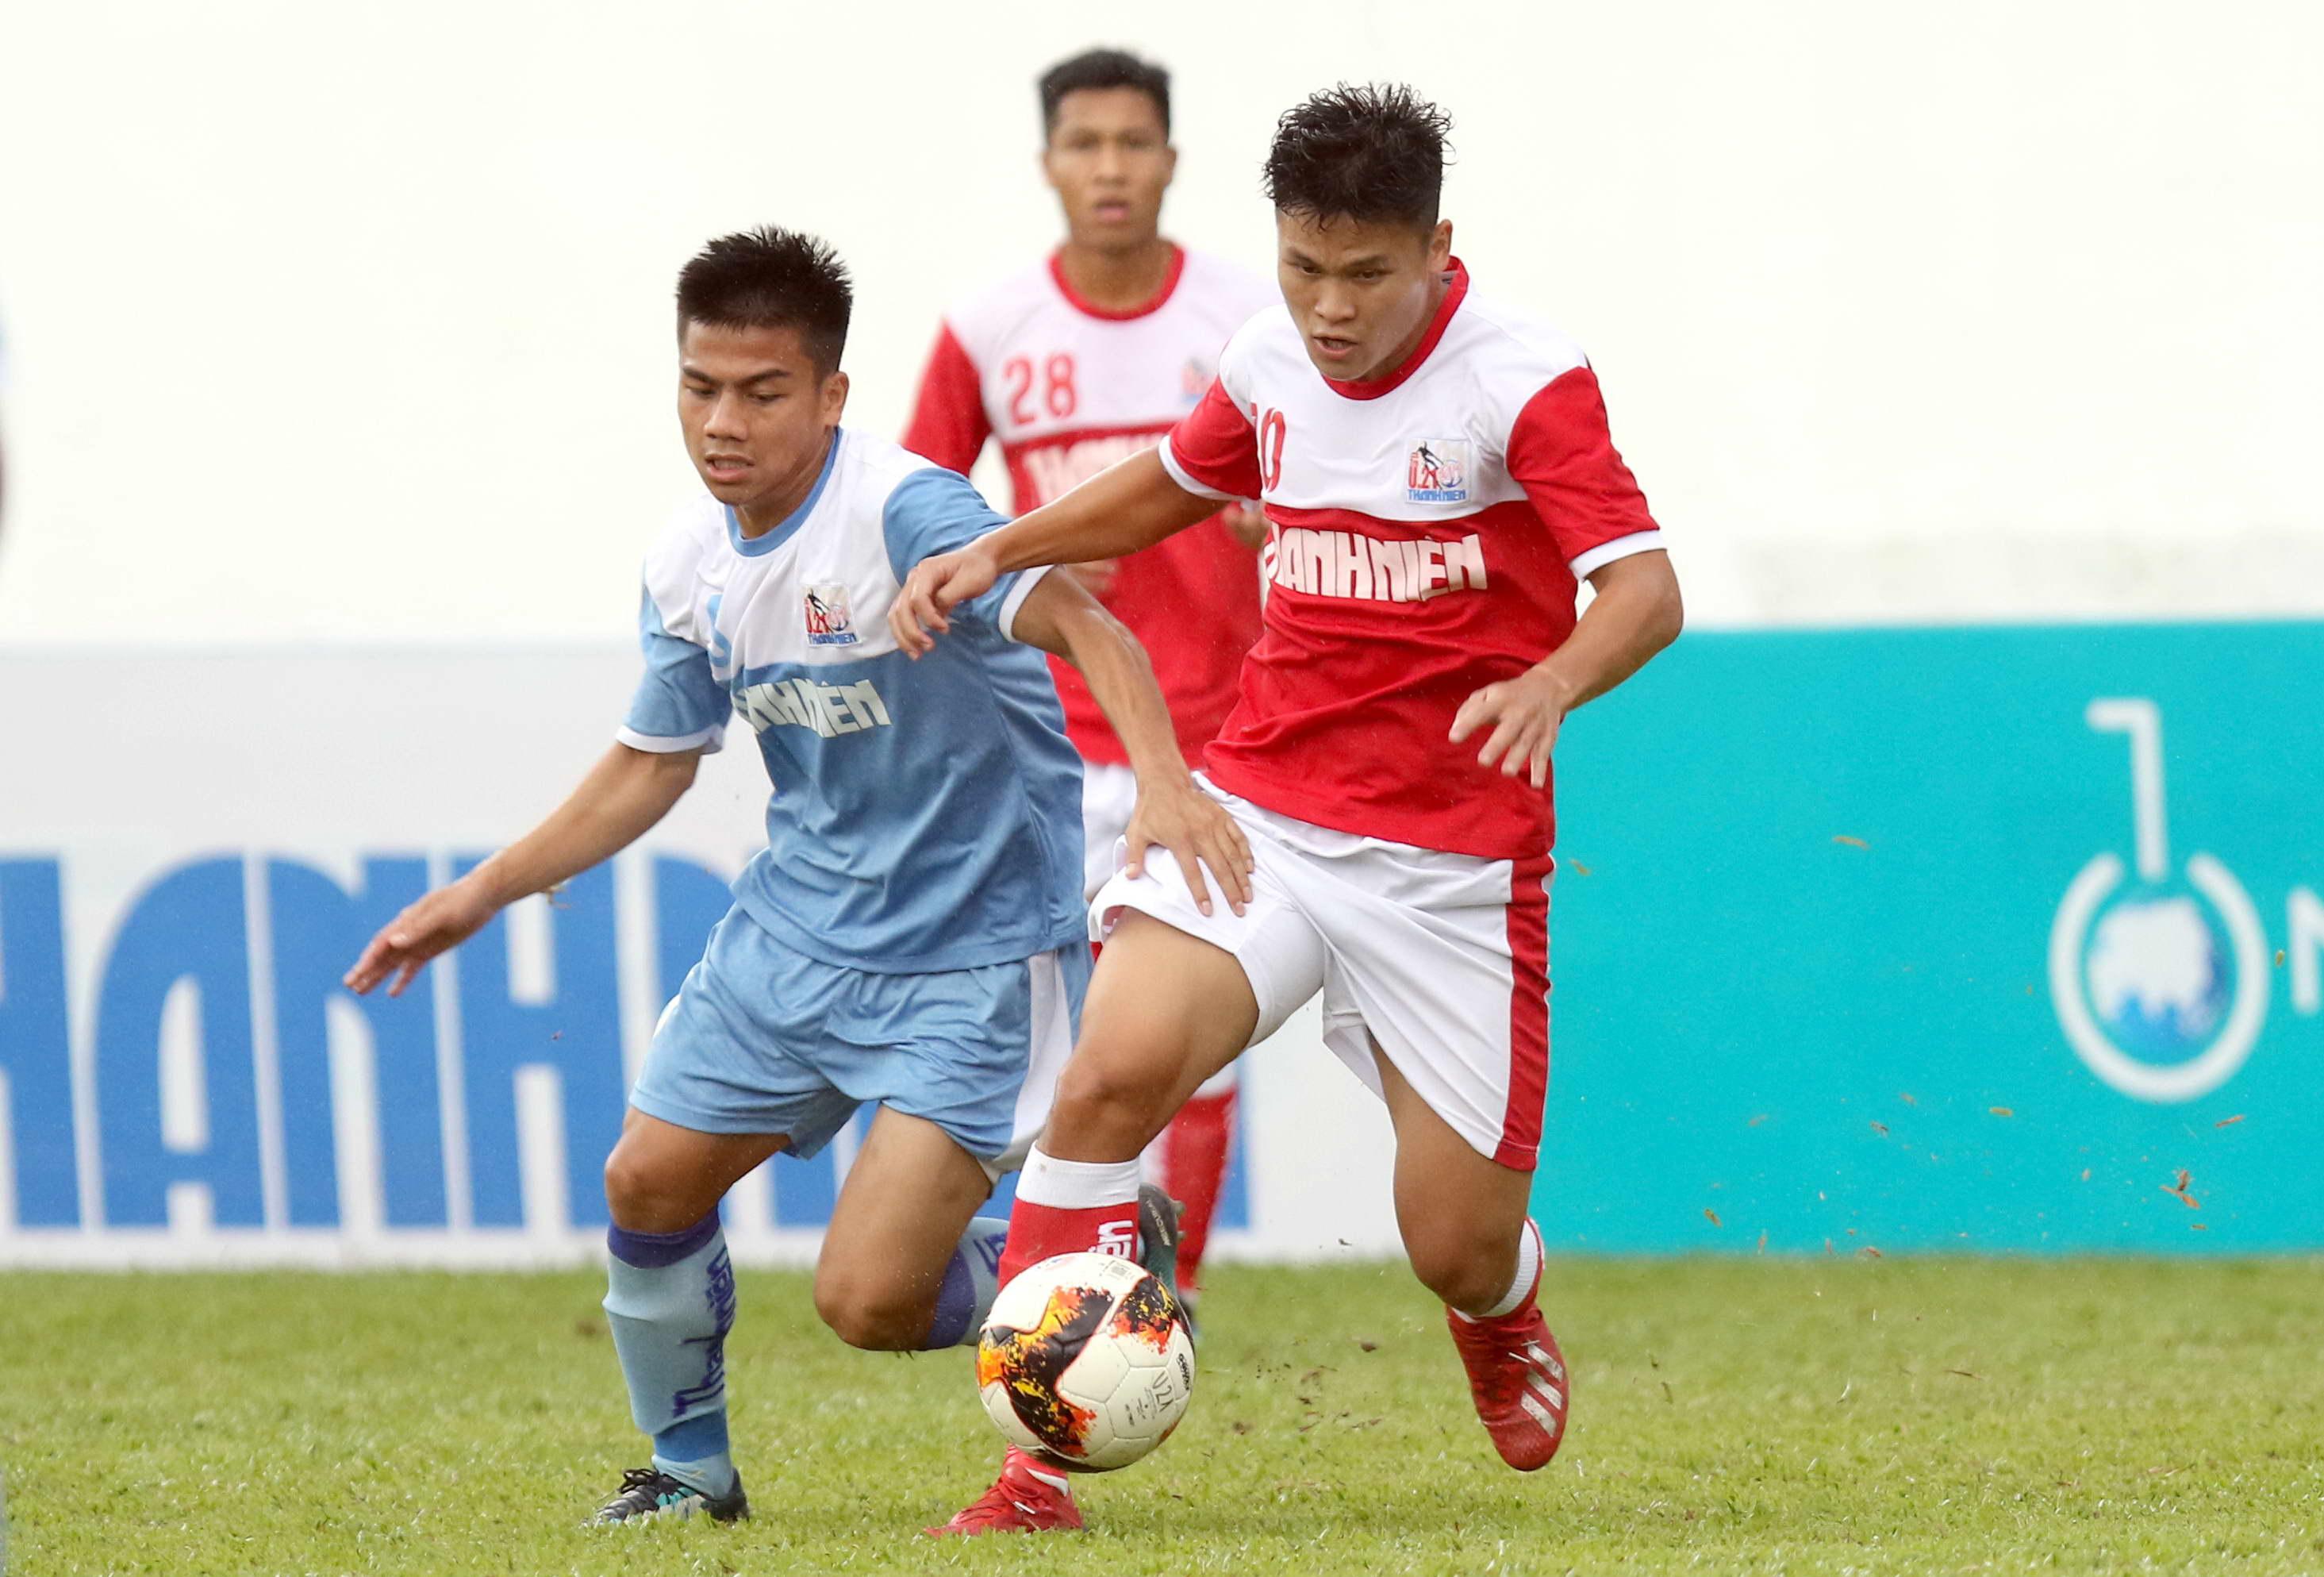 Phố Hiến và Hà Nội vào chung kết giải vô địch U21 QG Báo Thanh Niên 2019